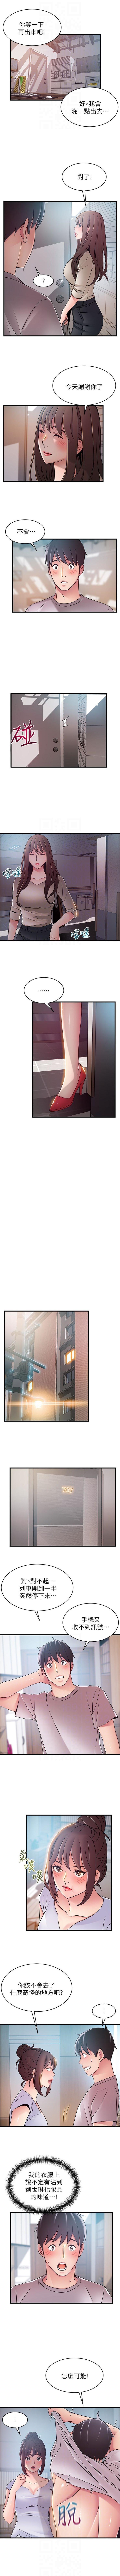 (周7)弱点 1-66 中文翻译(更新中) 291